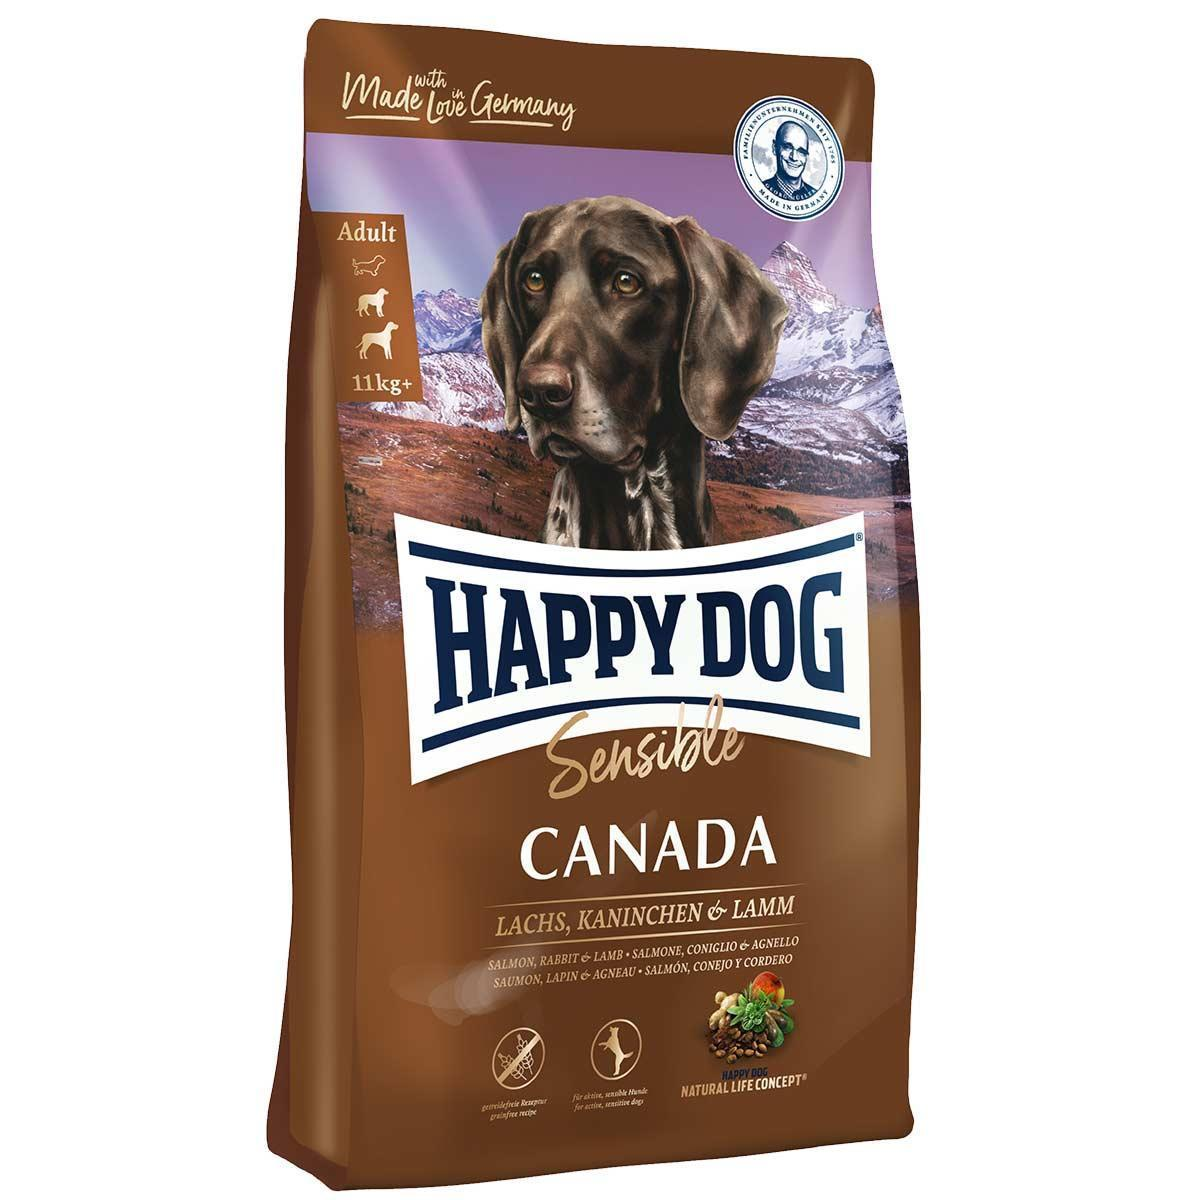 Сухой корм HAPPY DOG Supreme Canada для собак, лосось, кролик, ягненок, без злаков, 12,5 кг